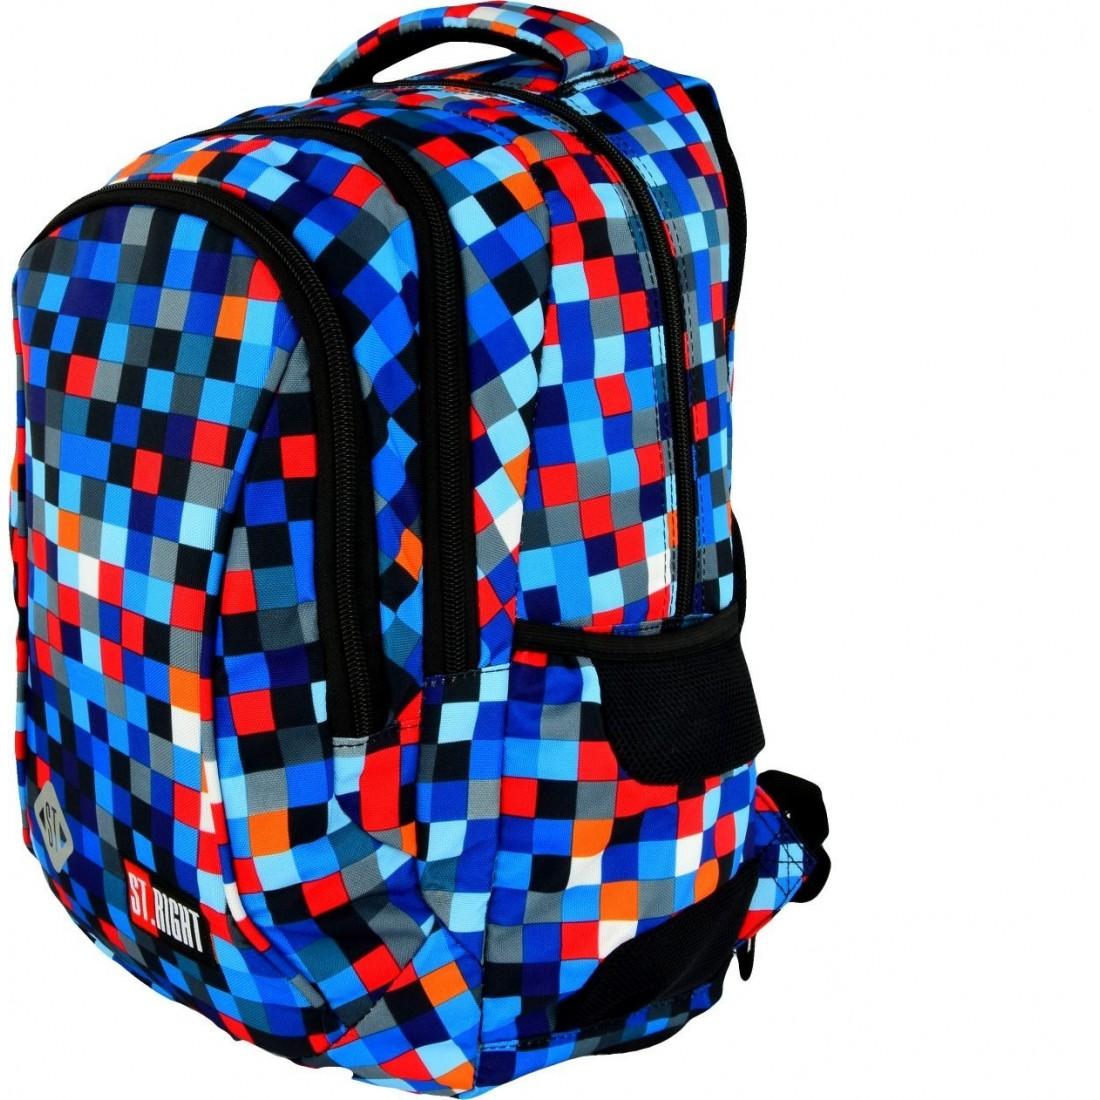 b9f72ede2a71d Plecak do pierwszej klasy 26 ST.RIGHT PIXELMANIA BLUE niebieskie piksele